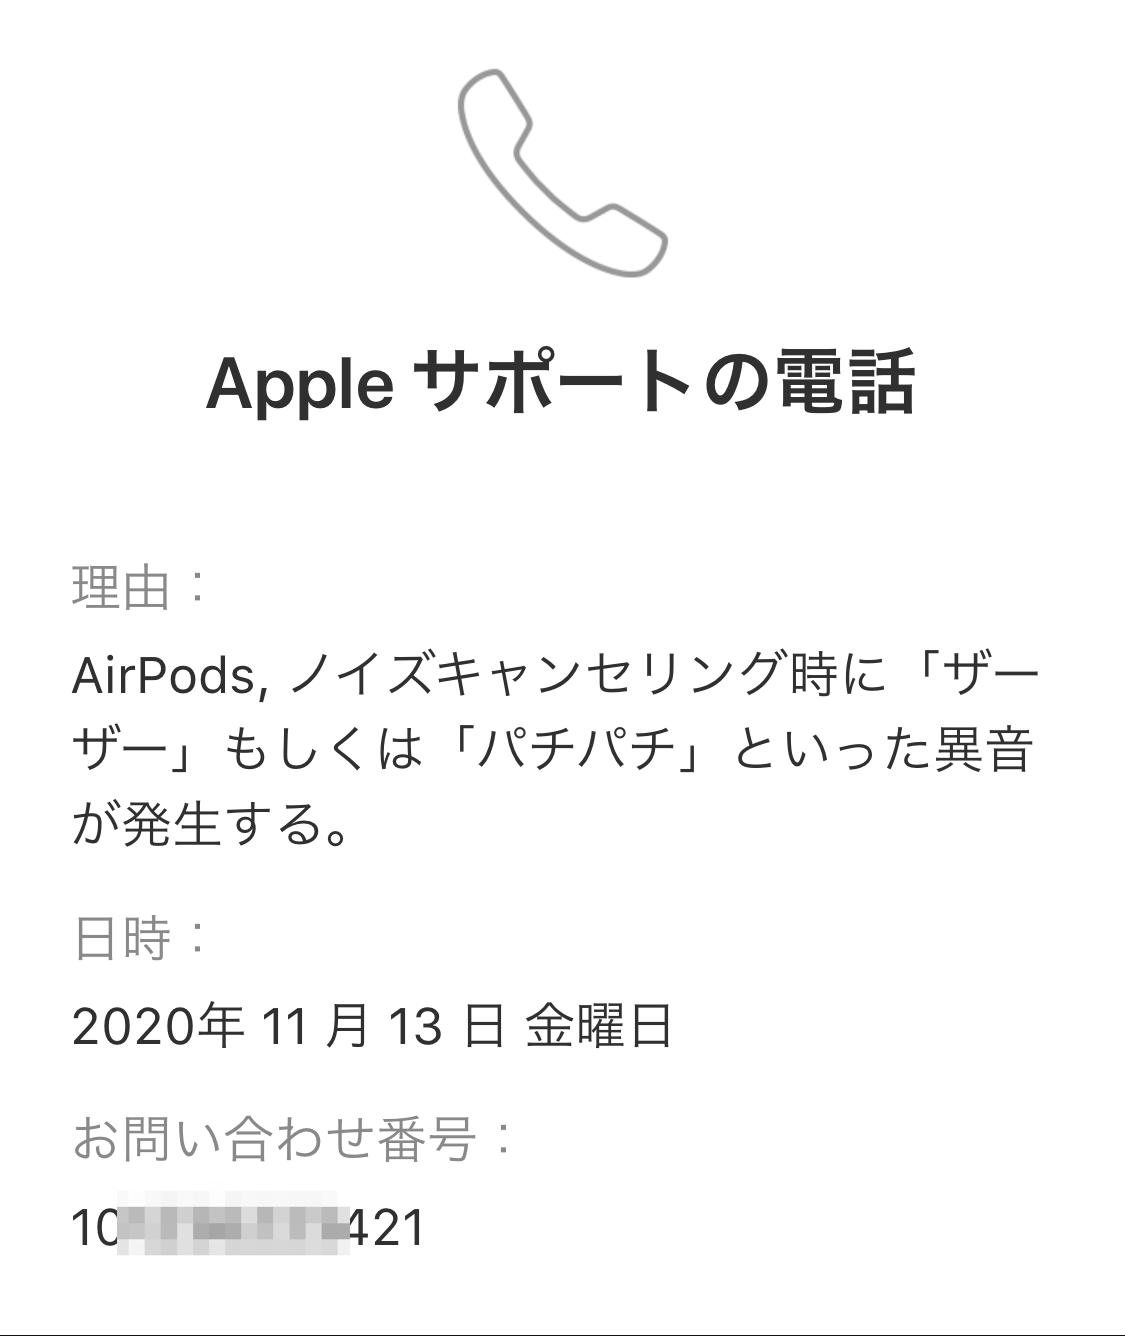 Appleサポートへの電話